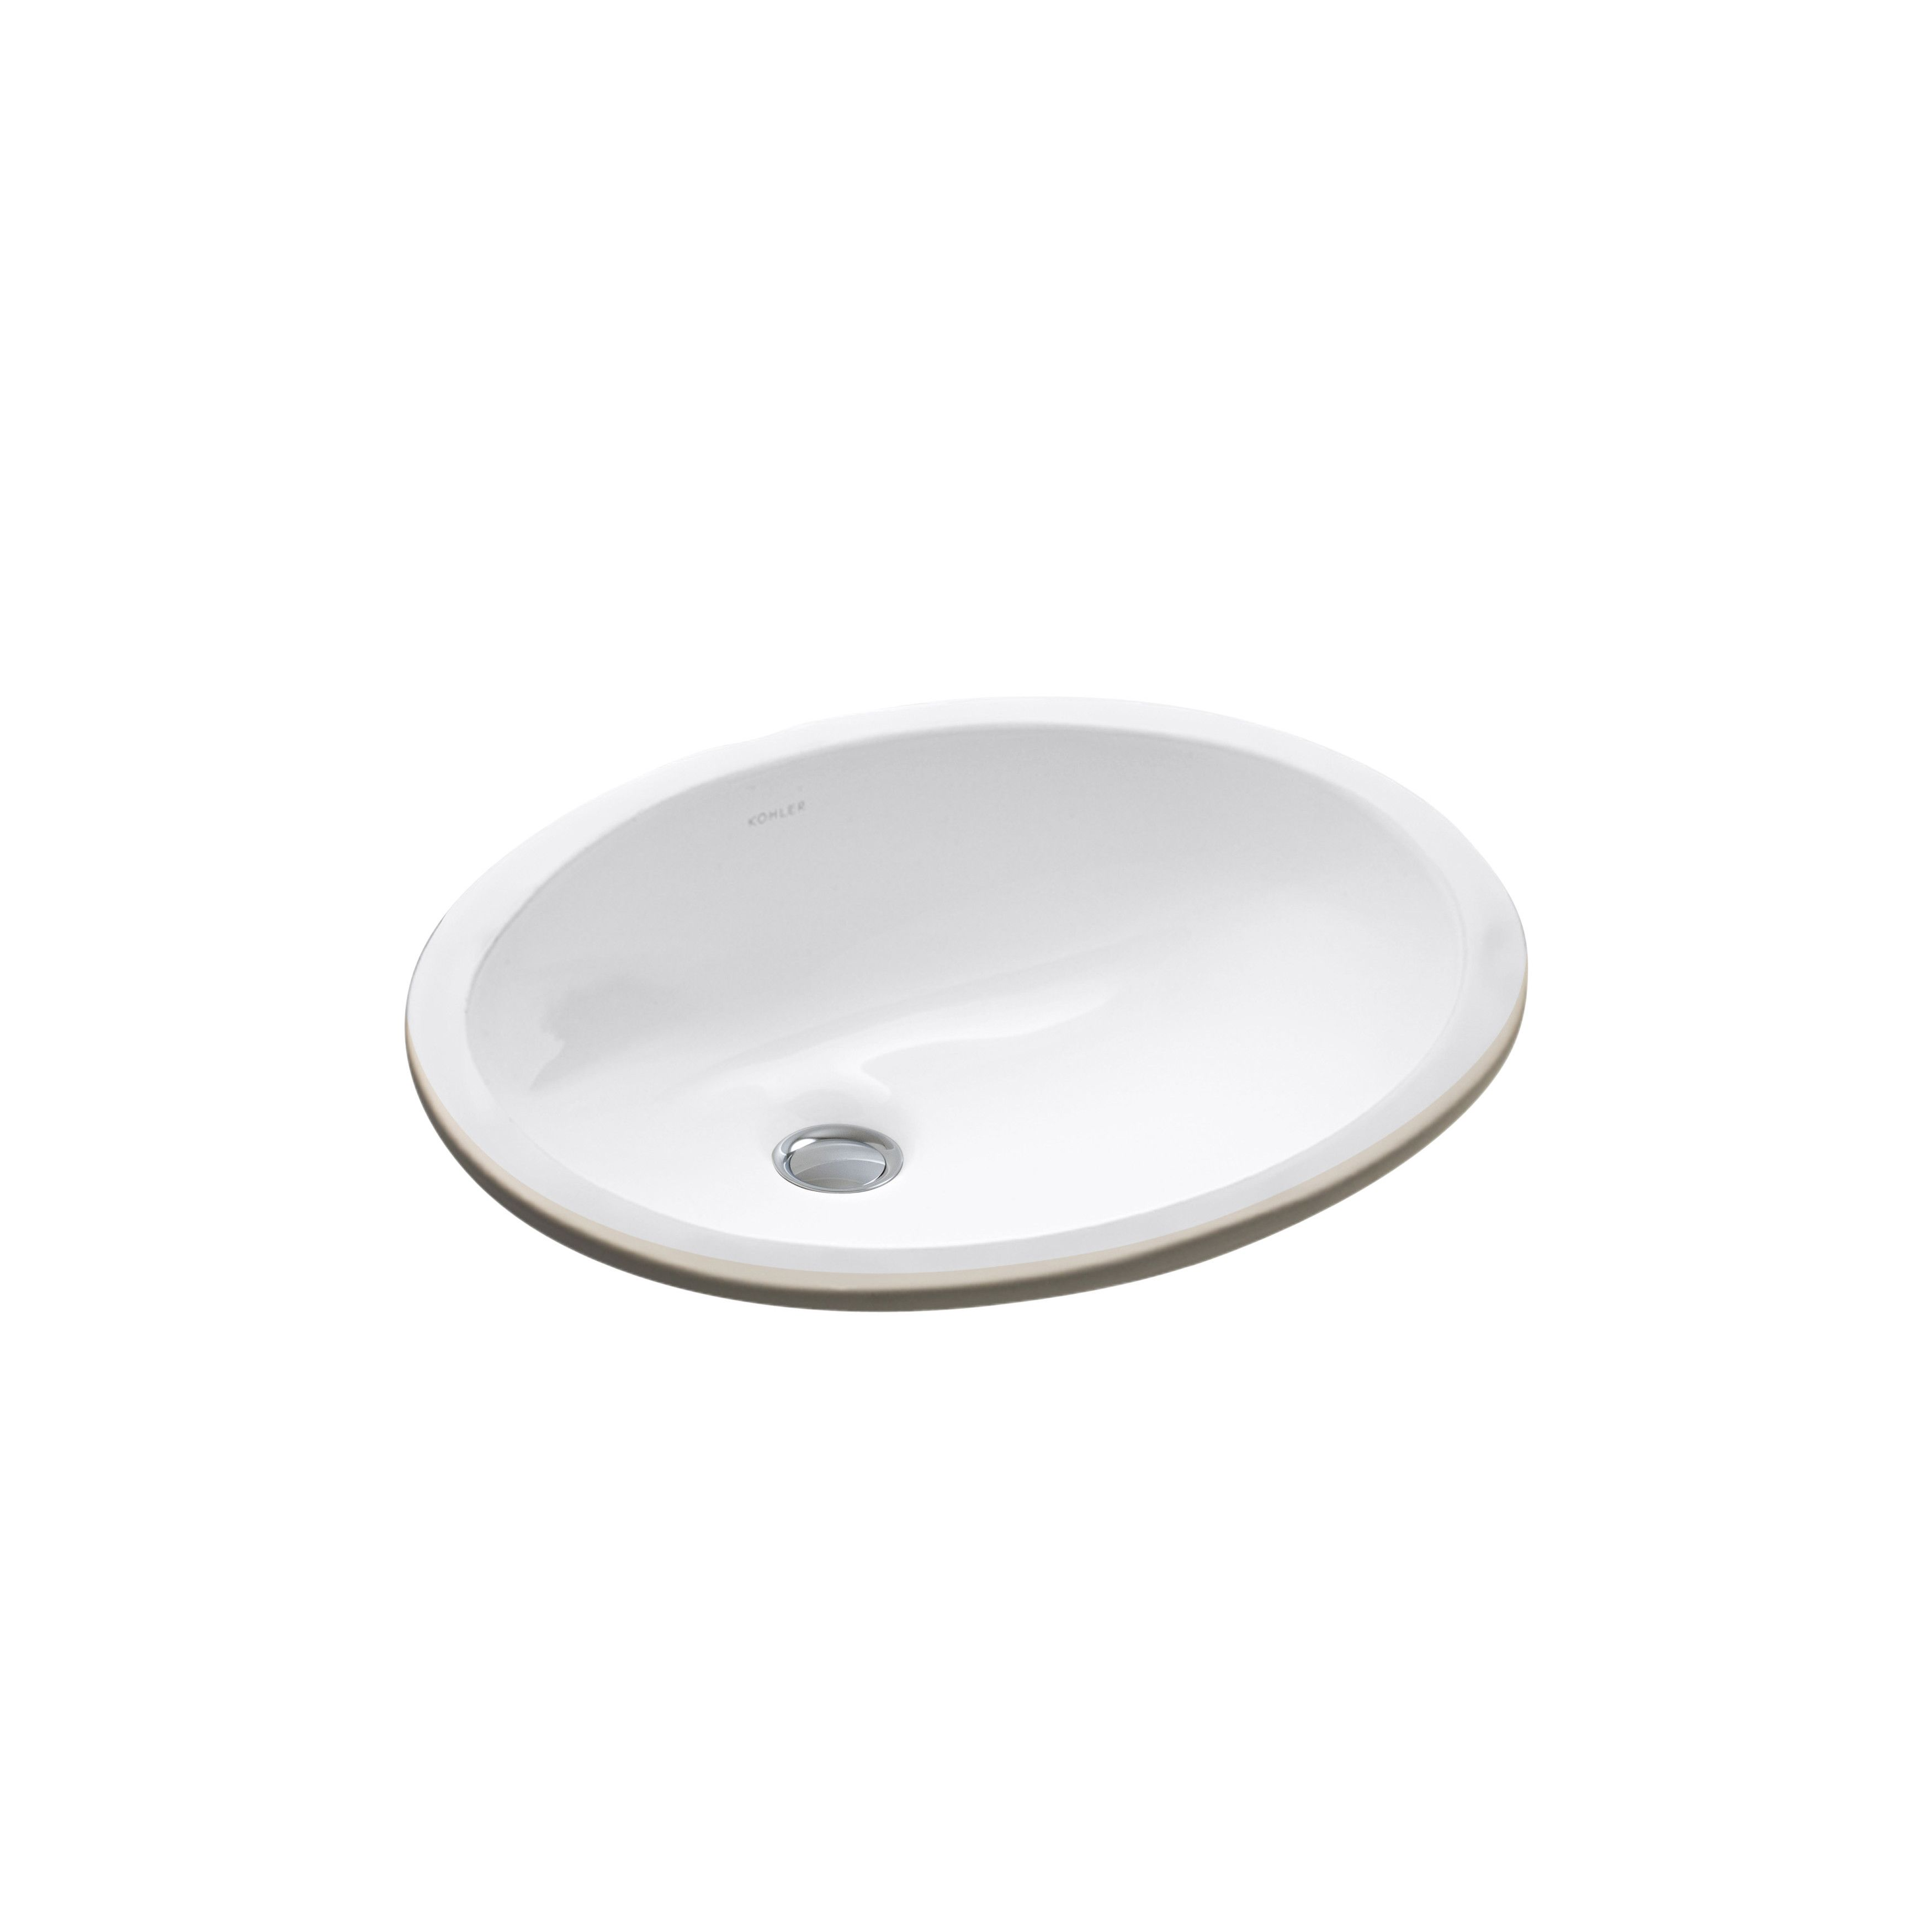 Kohler Caxton 15 X 12 Undermount Bathroom Sink With Clamp Embly